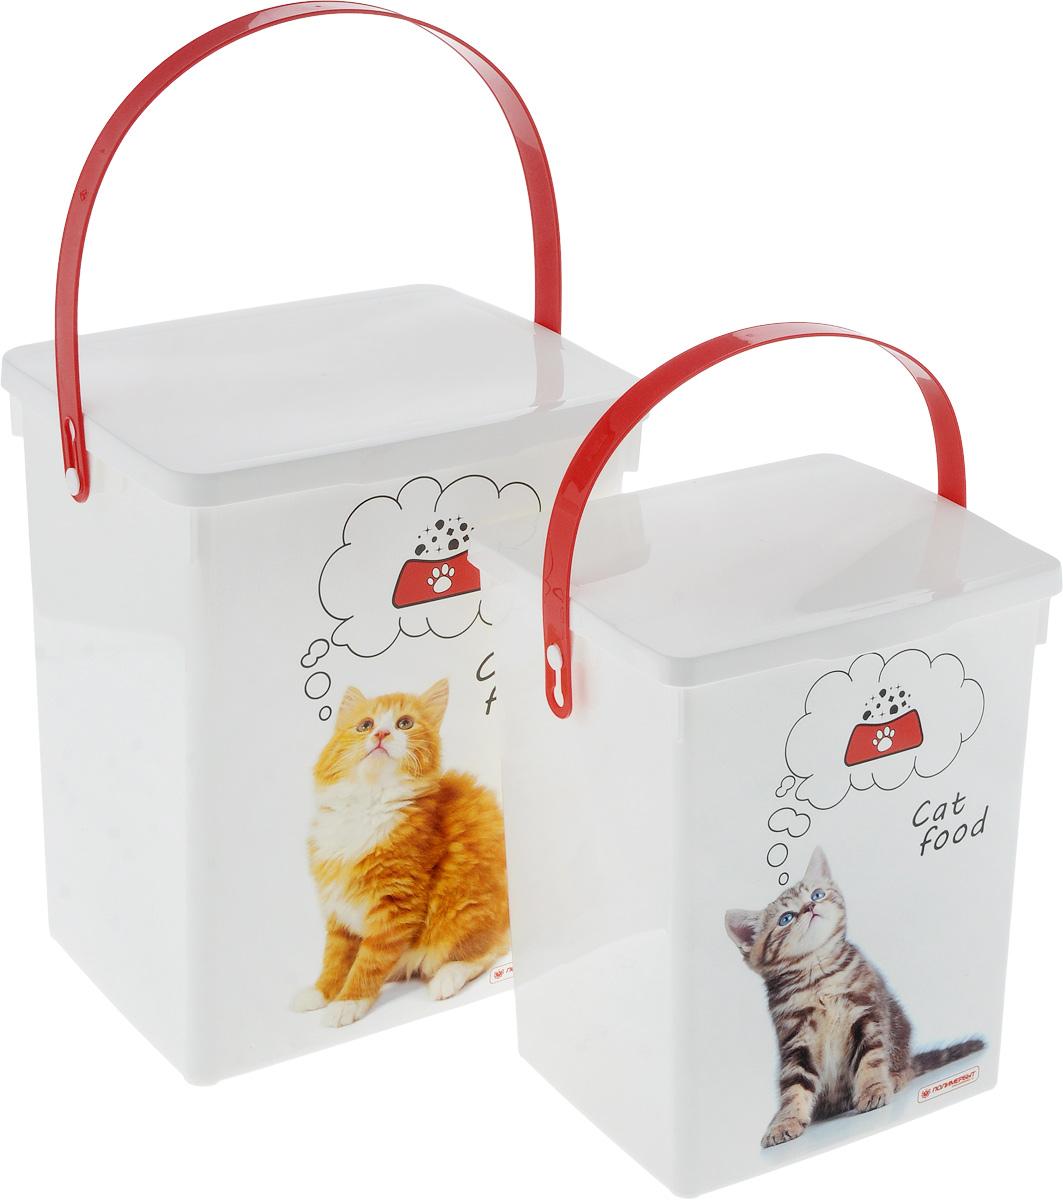 Набор контейнеров для корма животных Полимербыт, 2 шт. SGHPBKP52SGHPBKP52Удобный набор Полимербыт состоит из двух контейнеров для хранения корма животных, которые выполнены из пластика и оформлены оригинальным рисунком с изображением котят. Многофункциональная вещь, которая пригодиться в быту для любых случаев. Удобные контейнеры в использование и хранении. Объём контейнеров: 5 л; 8,5 л.